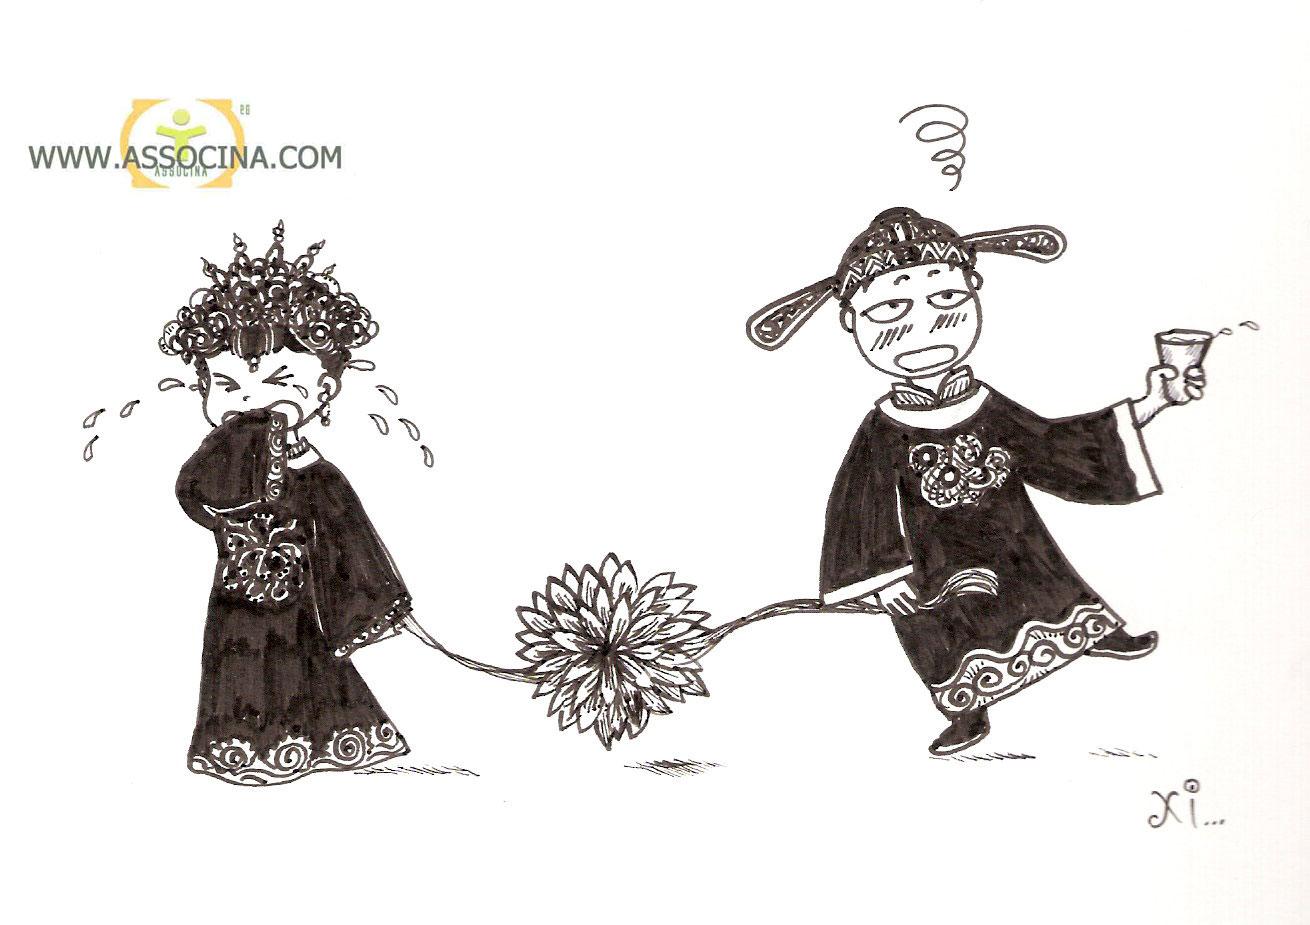 Vignette Per Auguri Matrimonio : Associna vignetta il matrimonio